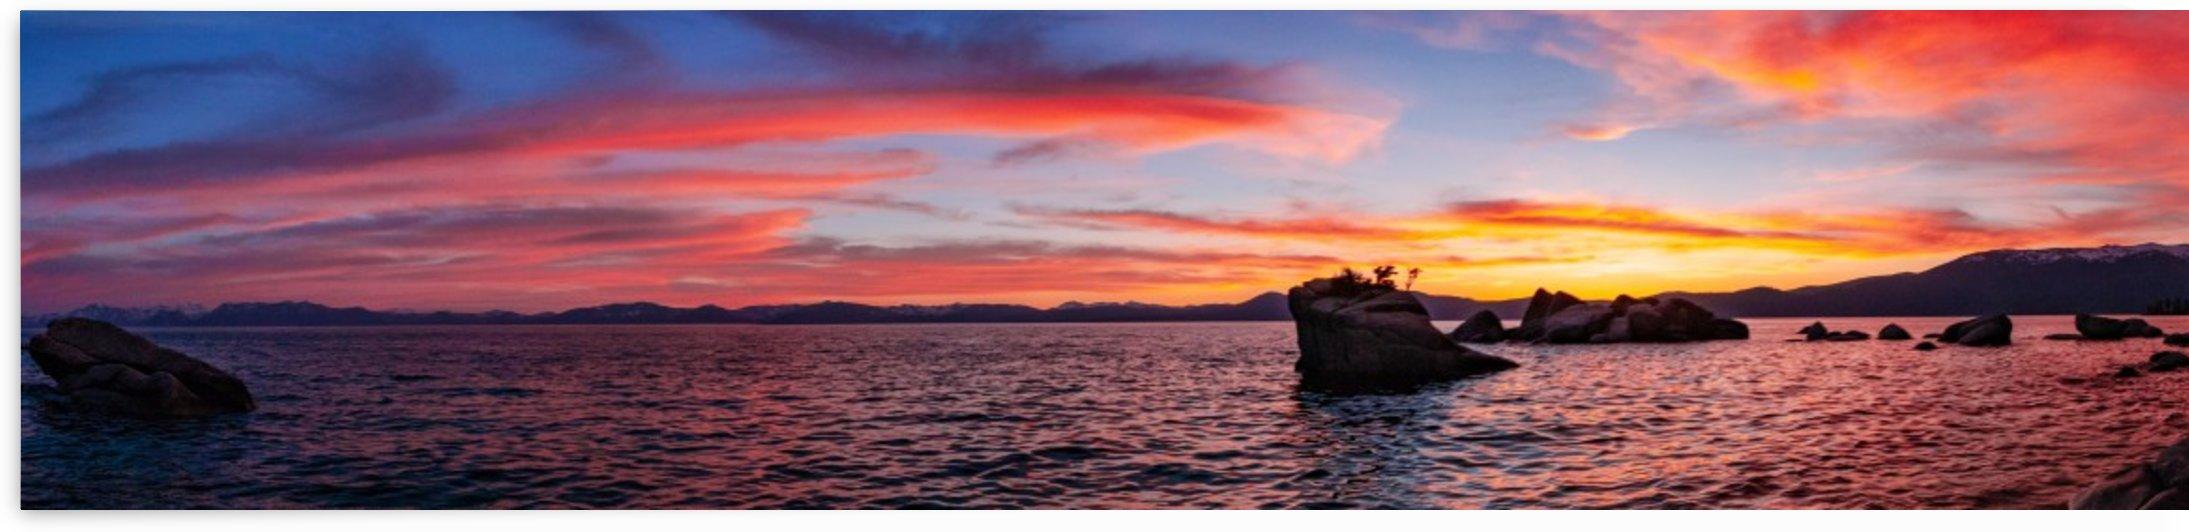 Panoramic Sunset by Steve Habovstak